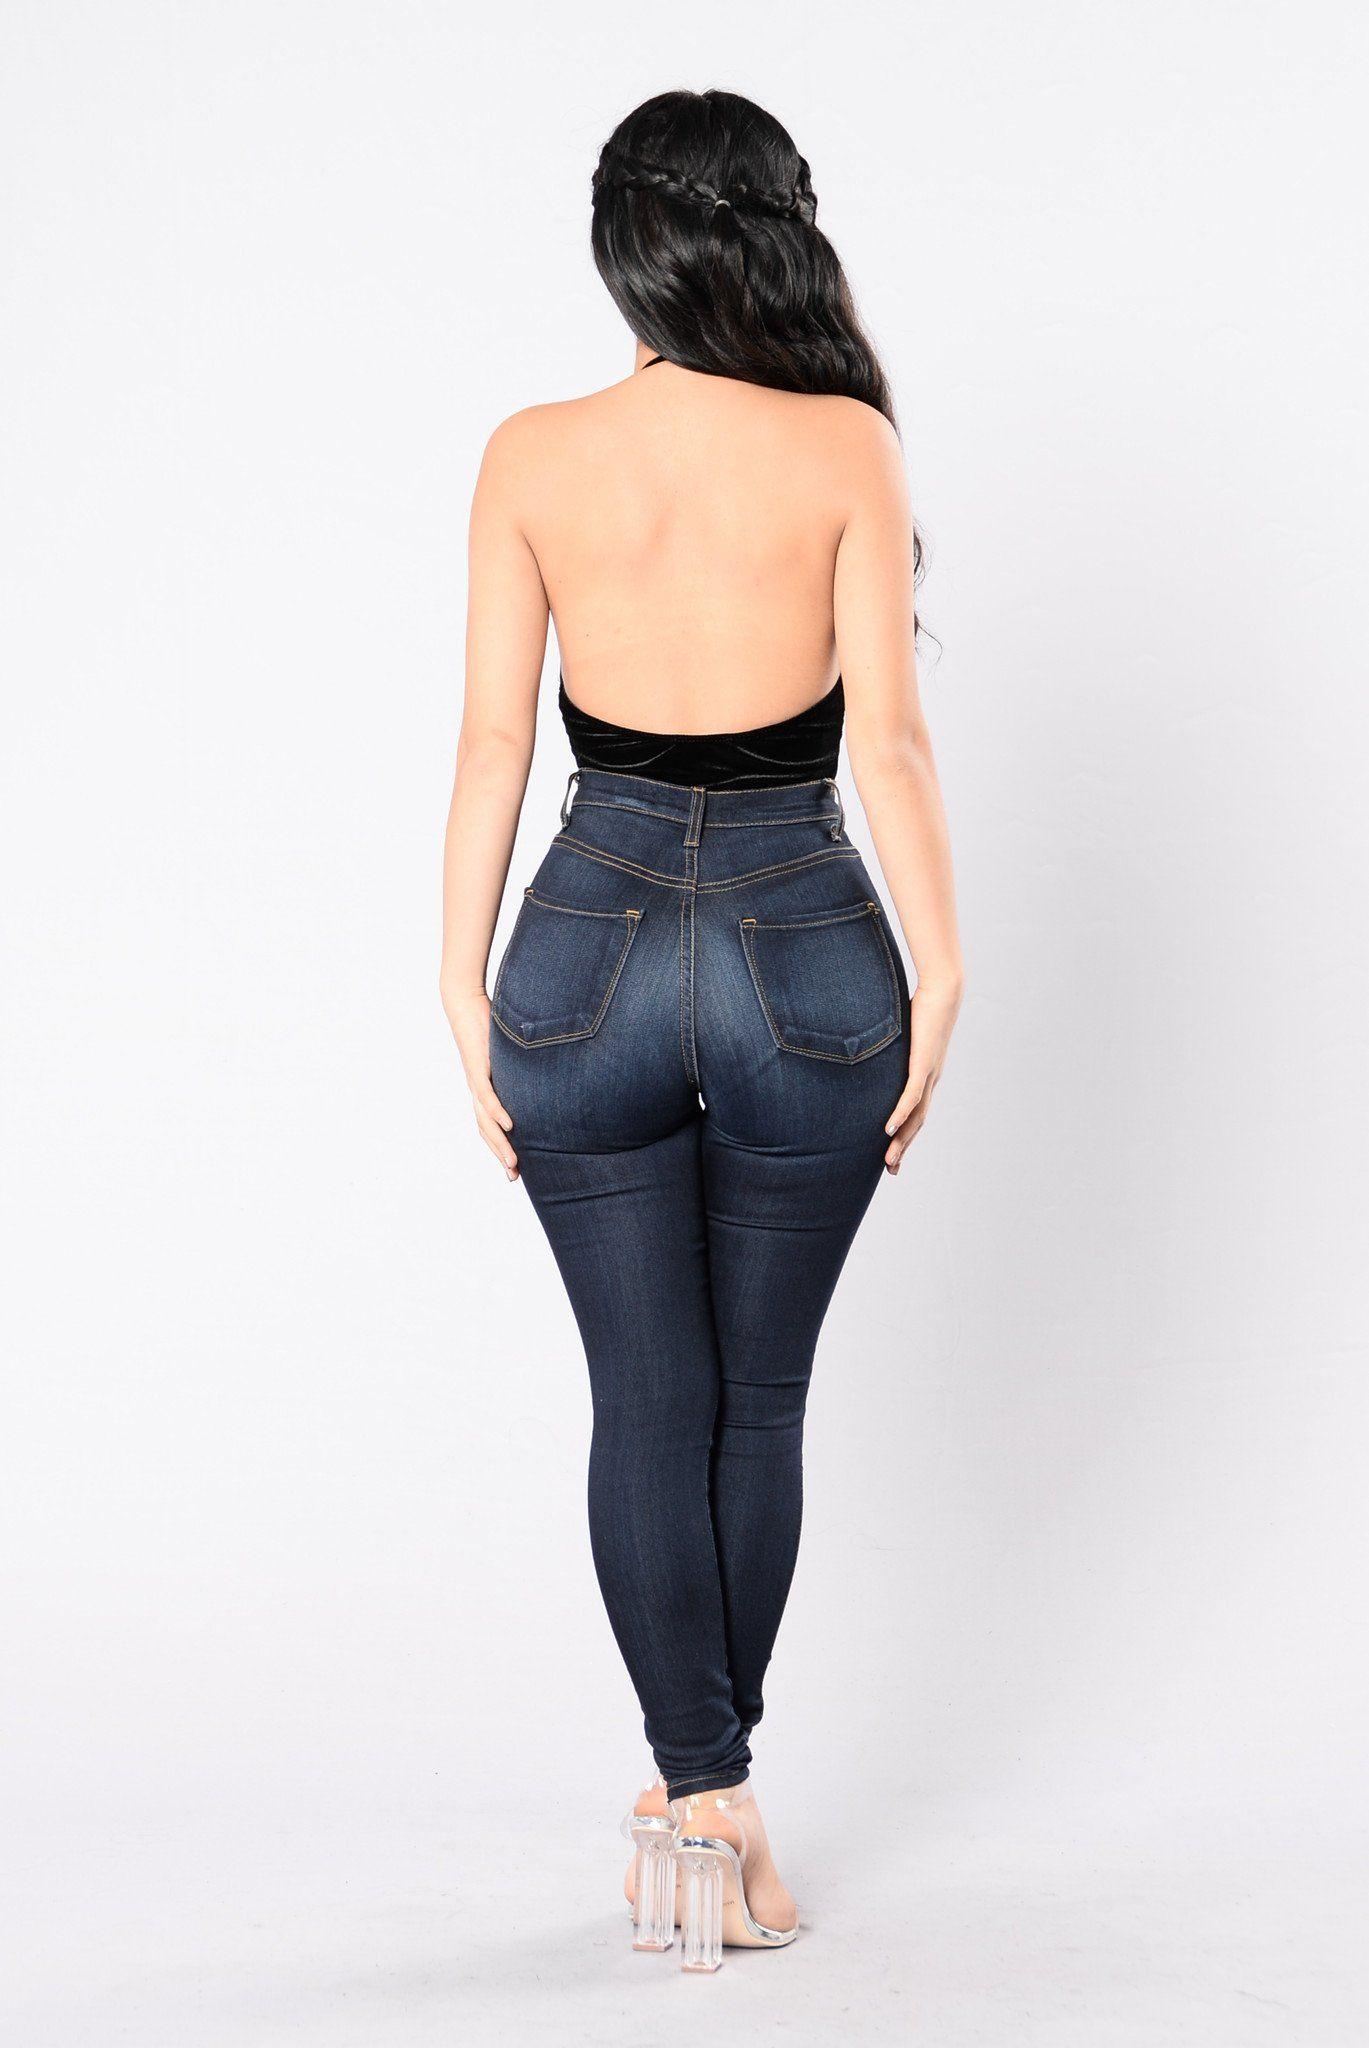 Lace bodysuit with jeans  If You Please Bodysuit  Black  Bodysuit Black velvet and Lace trim